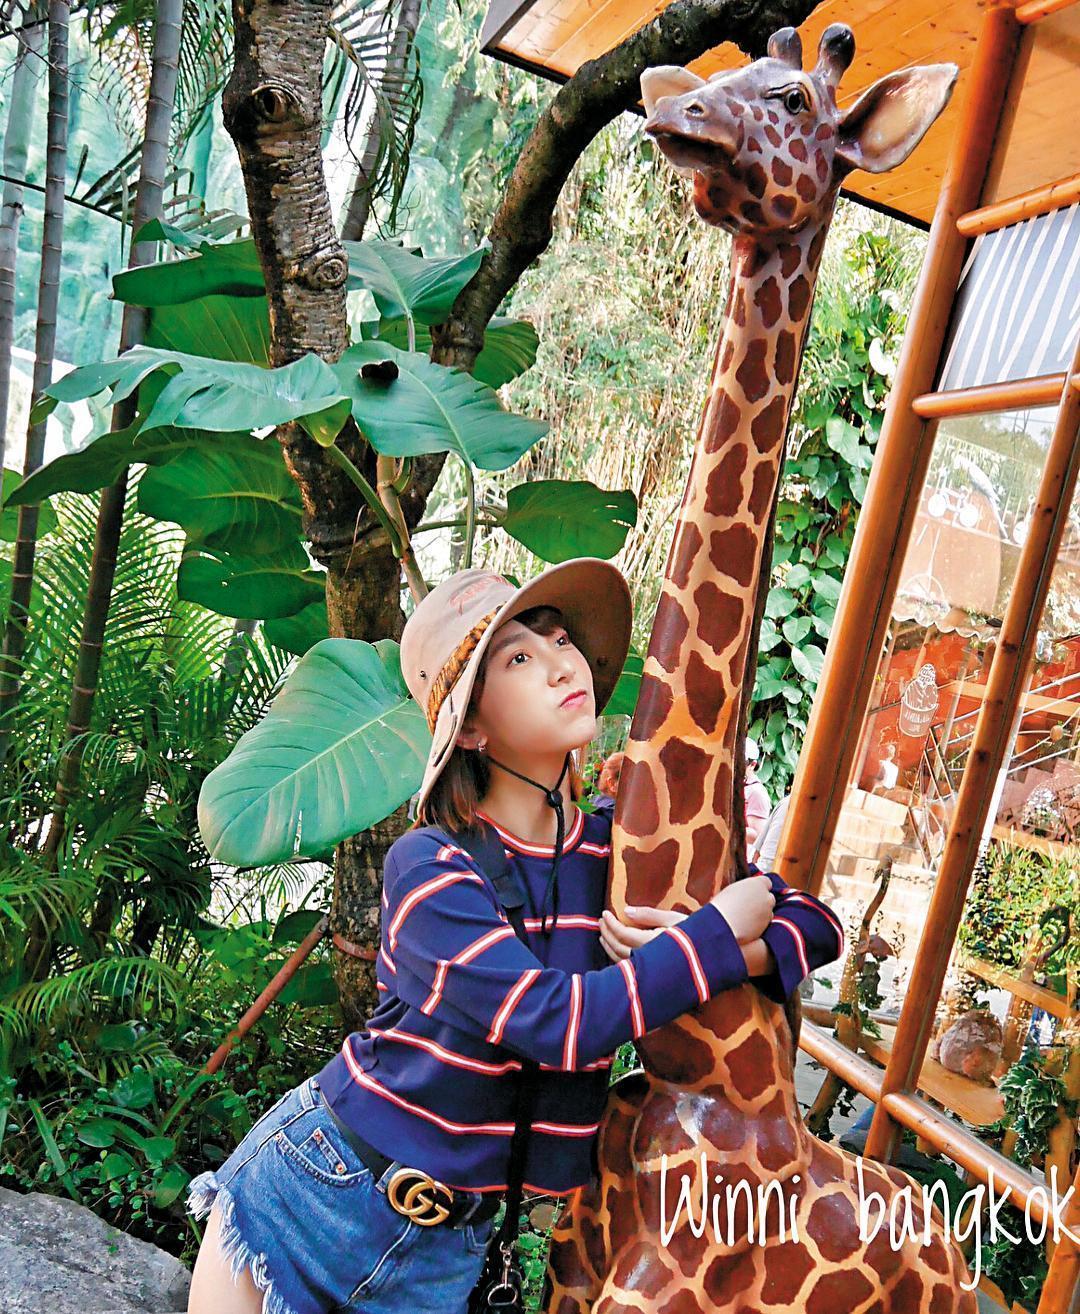 溫妮雖在泰國偷陪情郎,但照片刻意呈現是跟姐妹出遊,等於是轉個彎低調曬愛。(翻攝自溫妮IG)